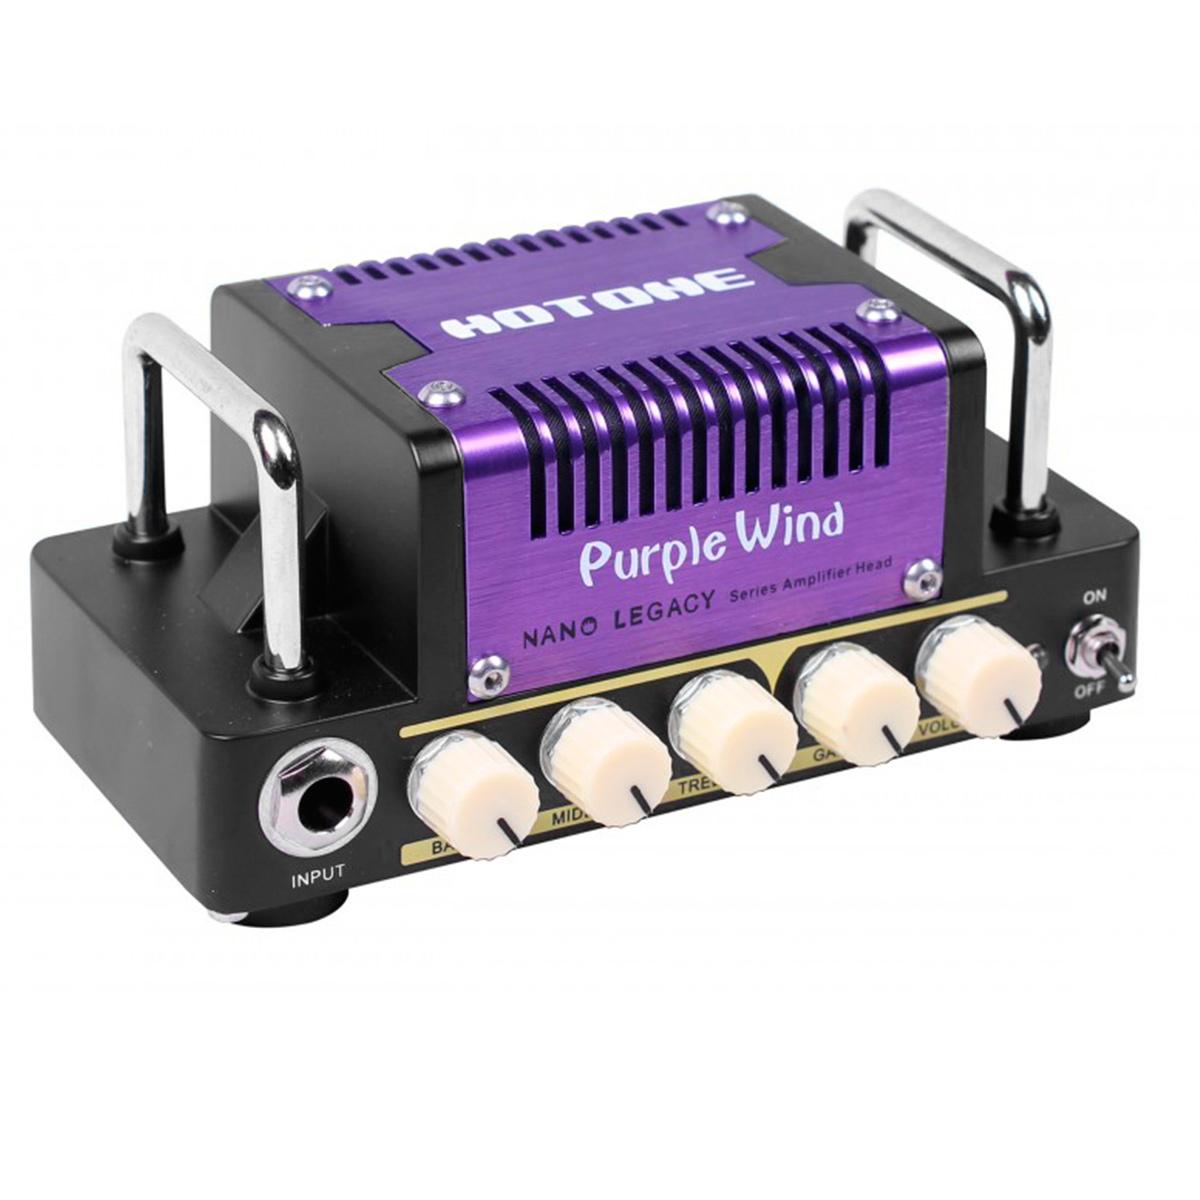 Cabeçote p/ Guitarra 5W - Purple Wind NLA 2 Hotone